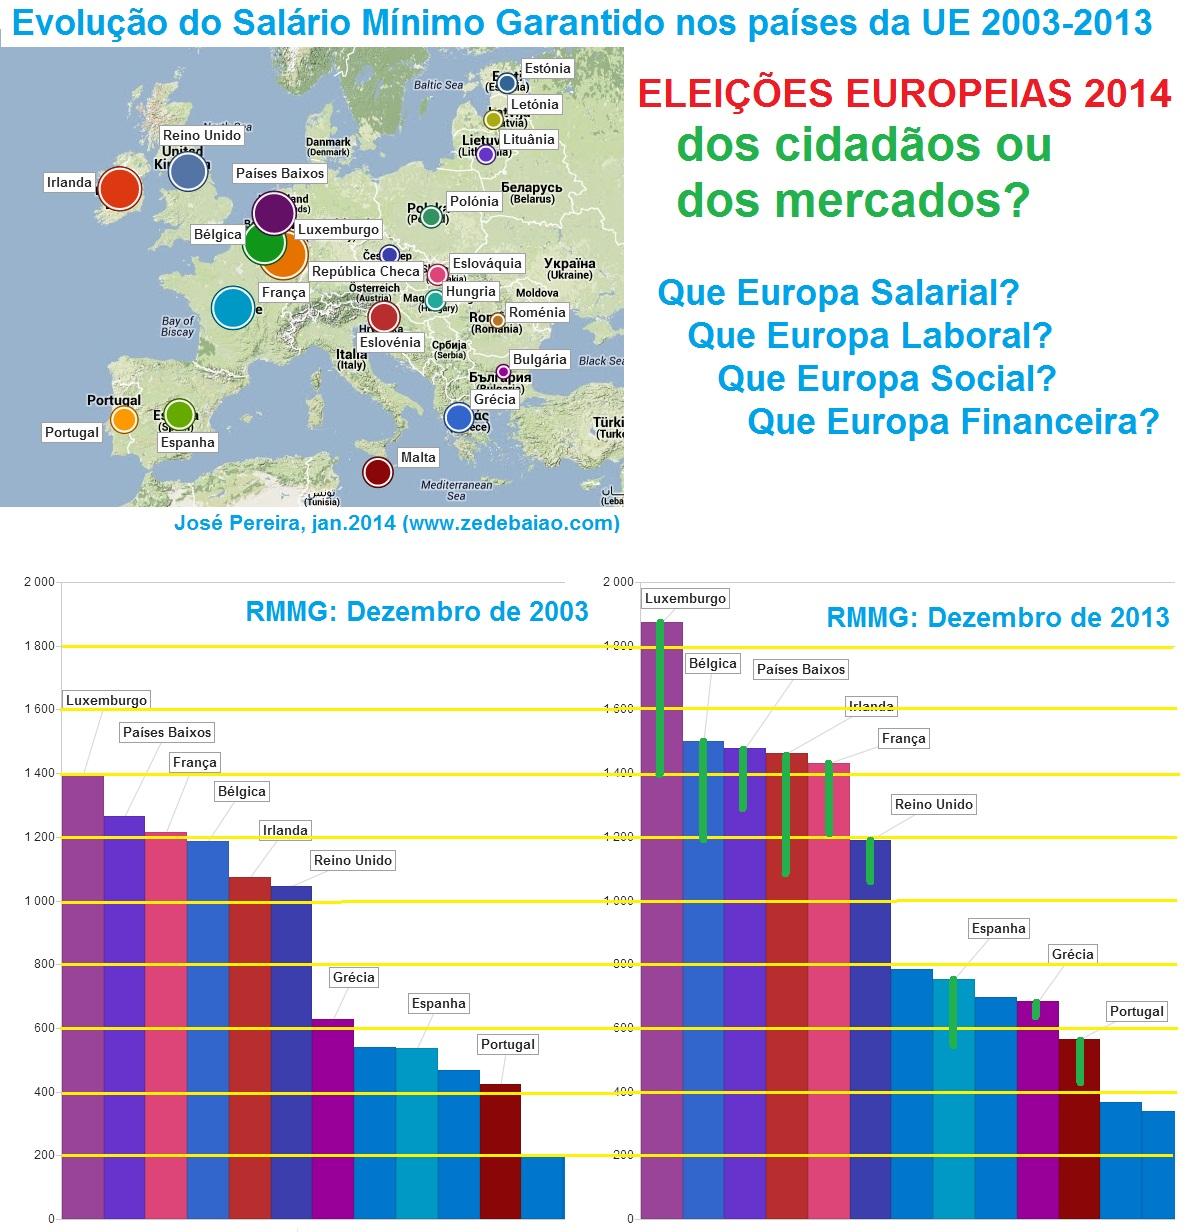 salário mínimo; europa; economia; dívida pública; governo; eleições europeias; 2014